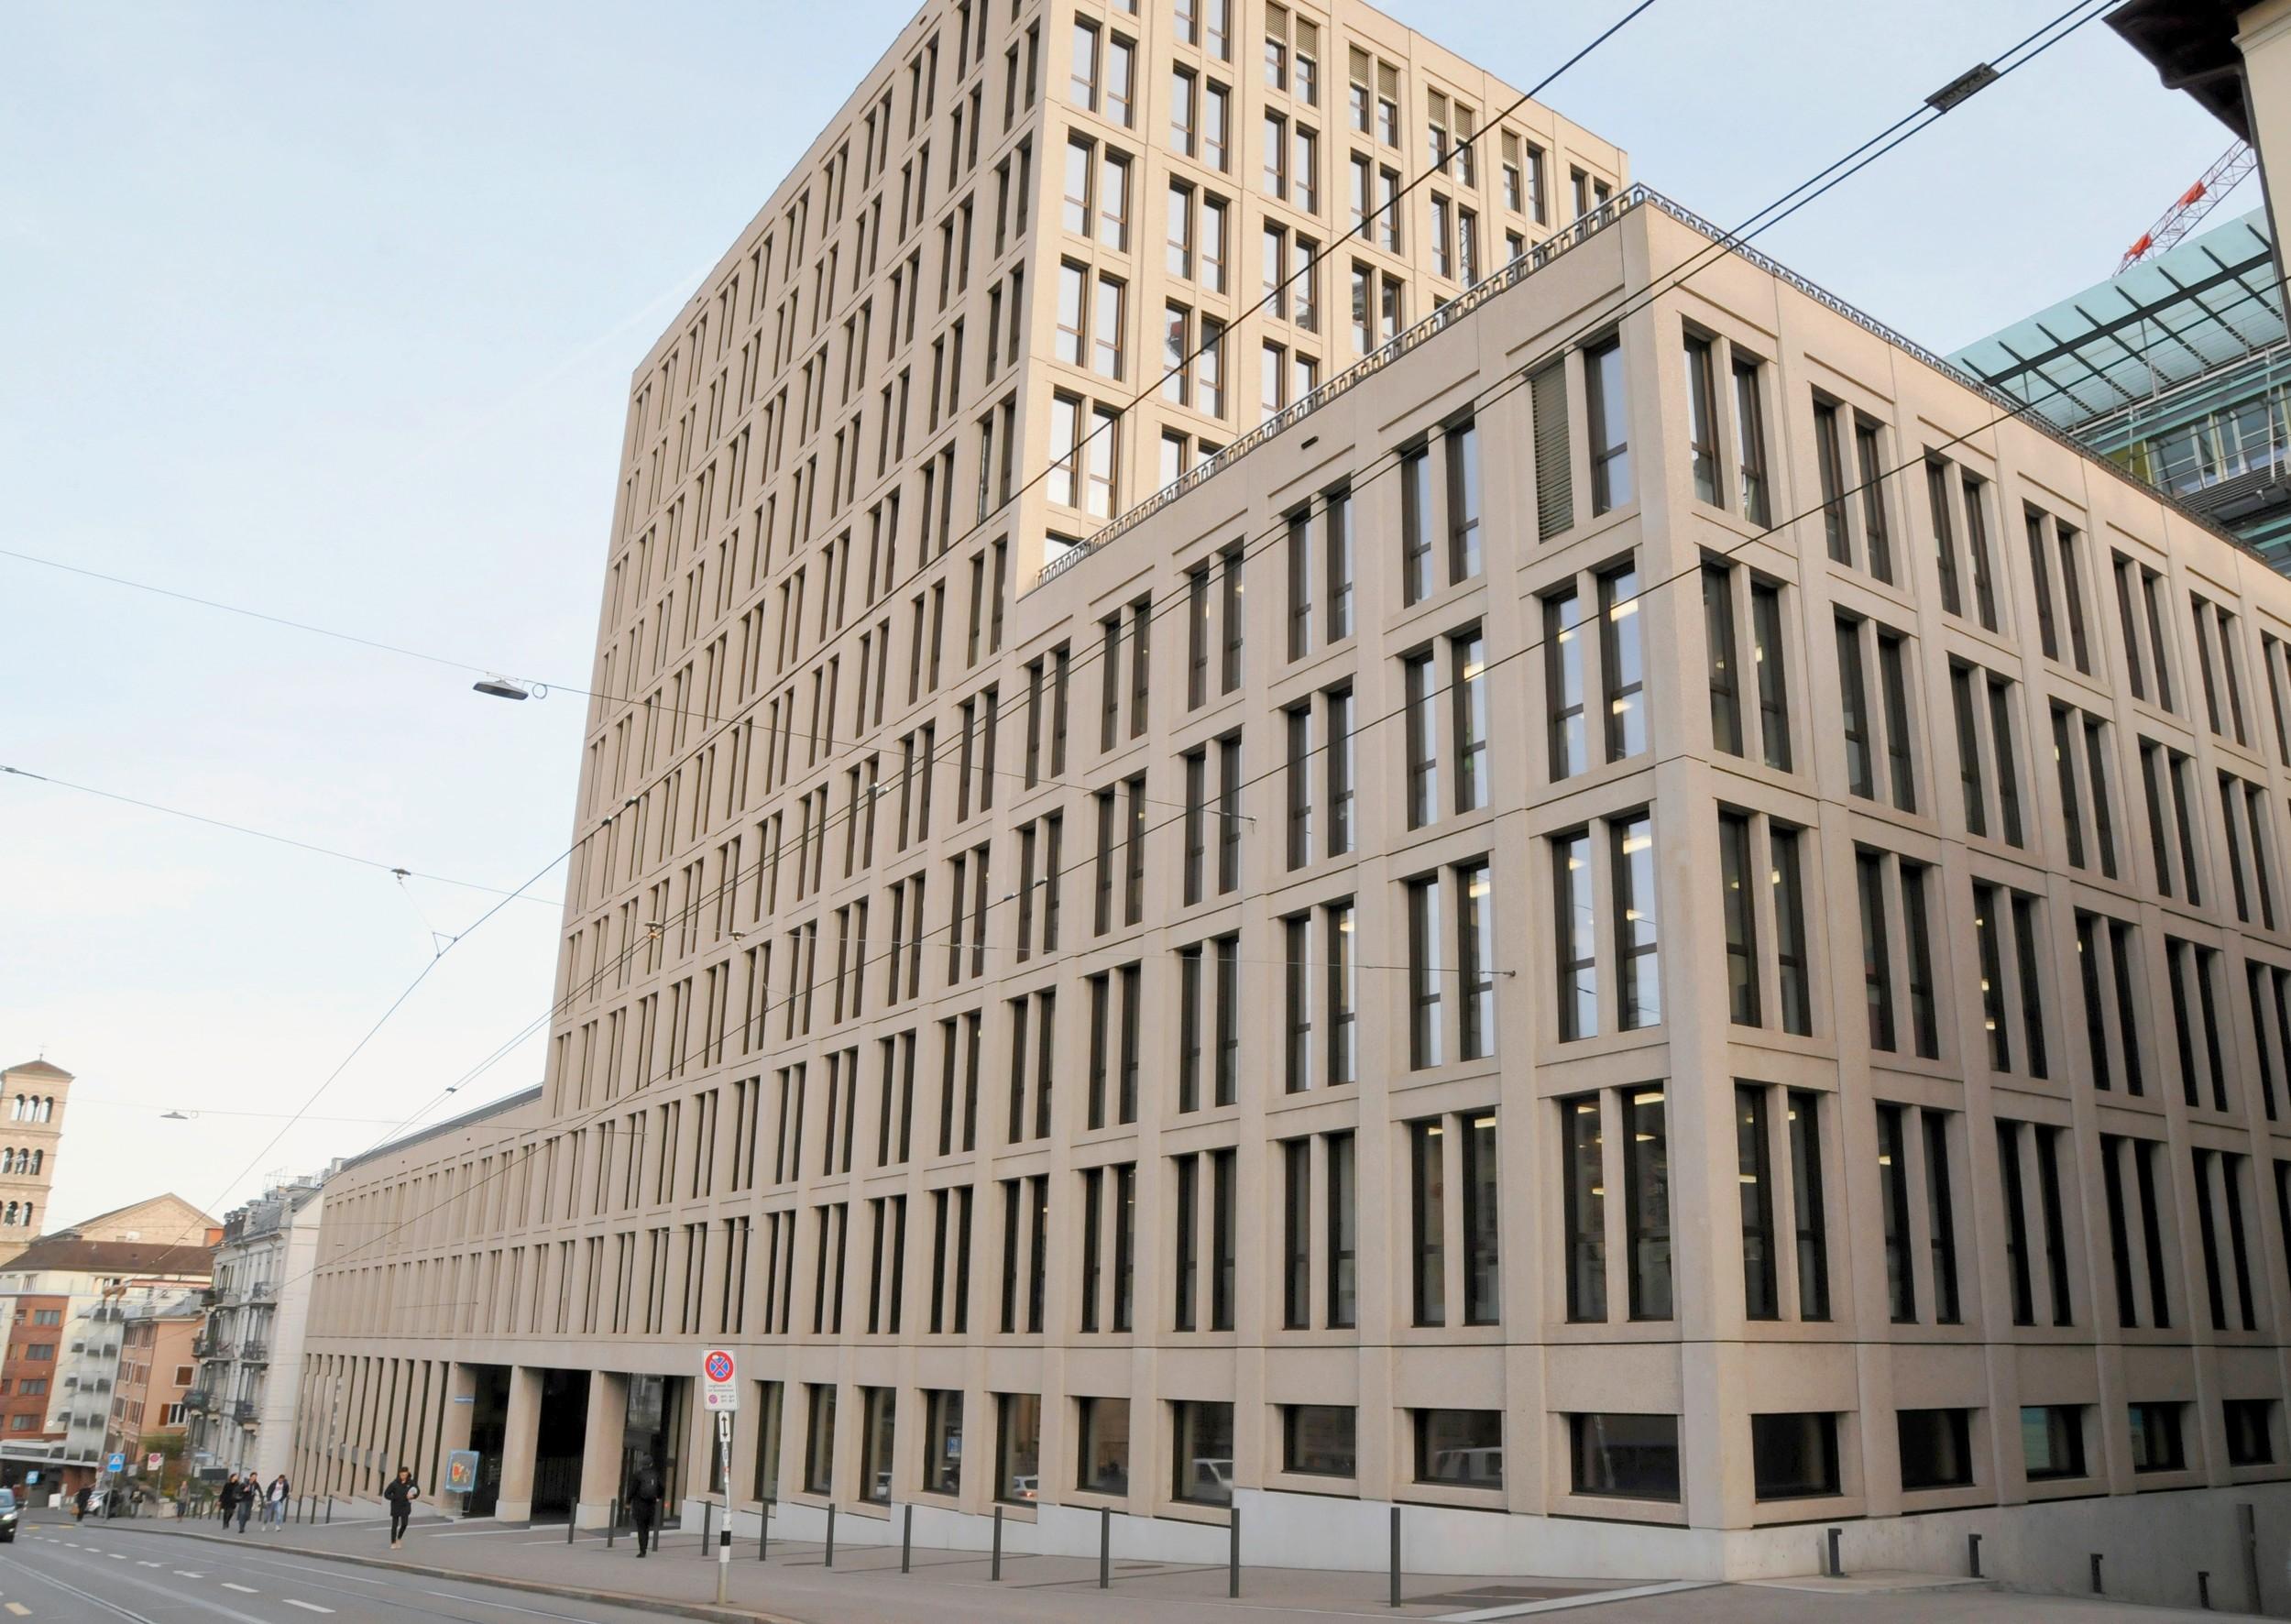 LEE-Gebäude der ETH Zürich